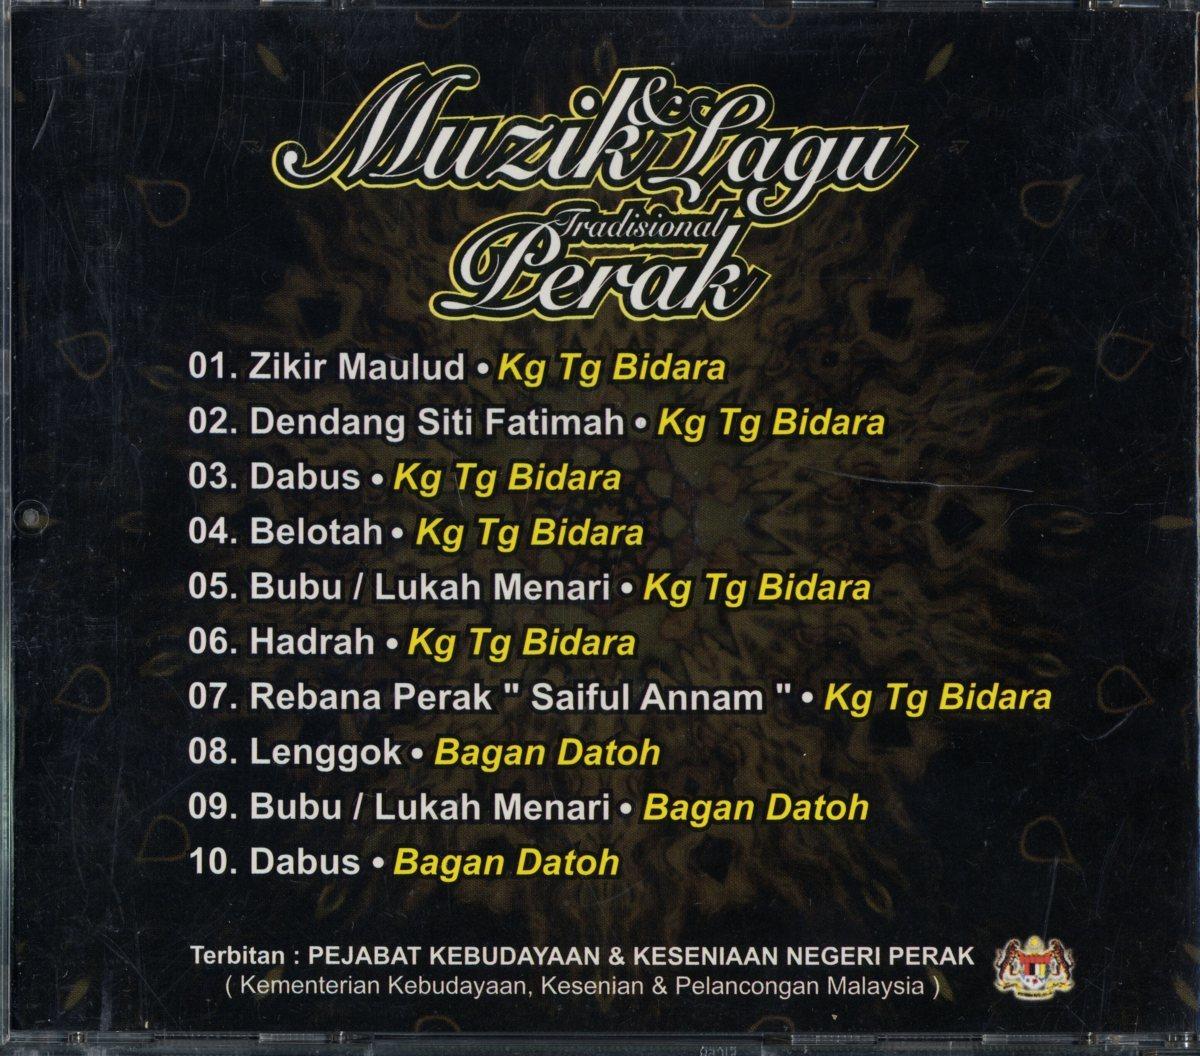 CD☆V.A. / マレーシア・ペラ州の伝統歌謡集 / MUZIK DAN LAGU TRADISIONAL PERAK / -_画像2